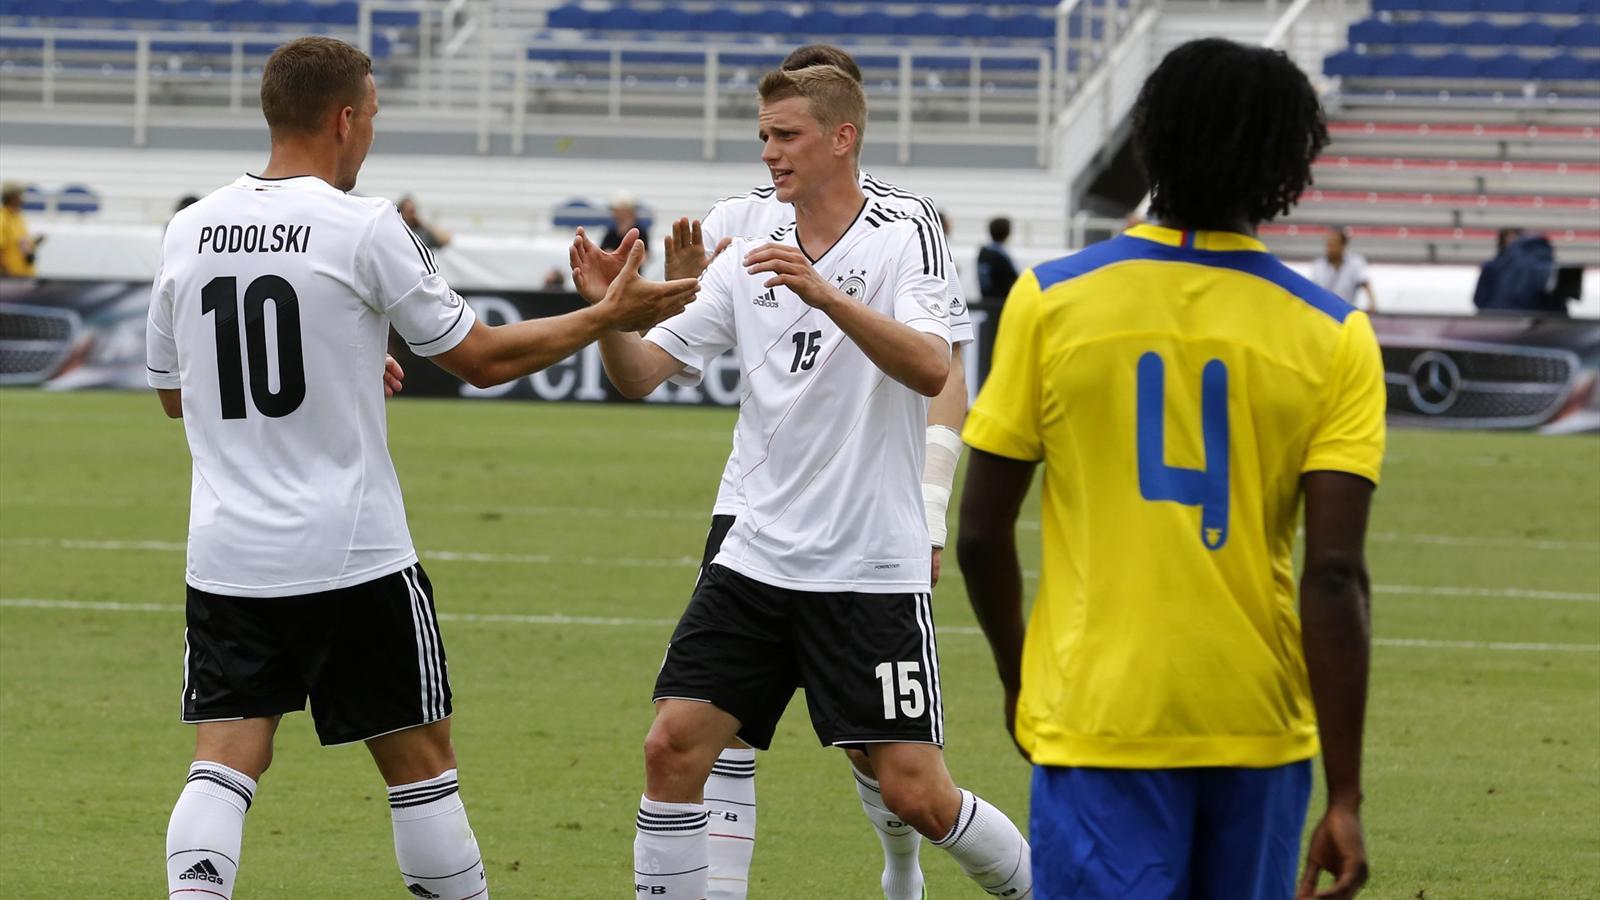 Парагвайский урок сборная германии